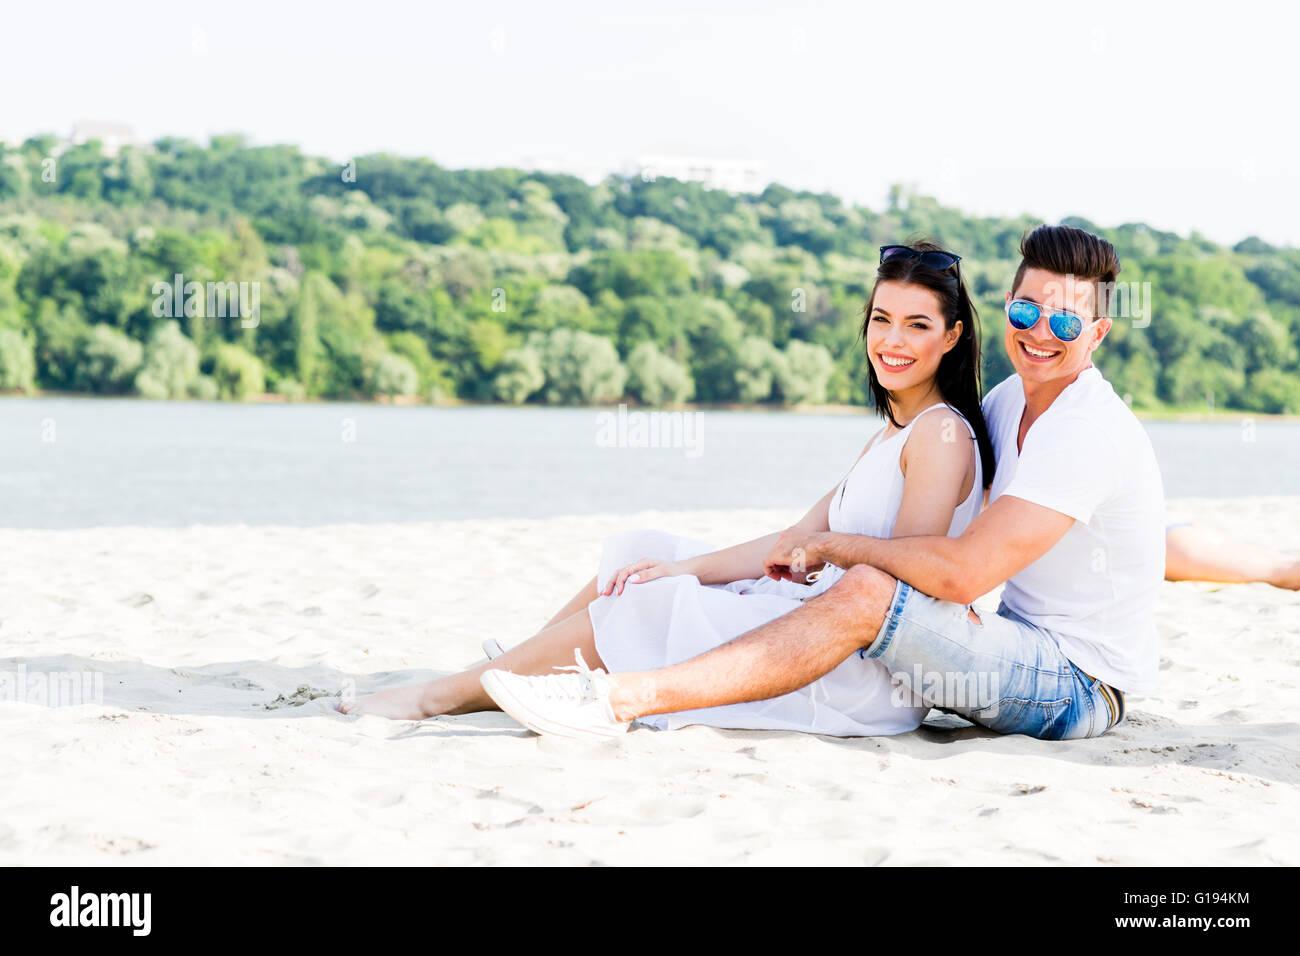 Romantico coppia giovane in amore seduta a una spiaggia sabbiosa e sorridente Immagini Stock